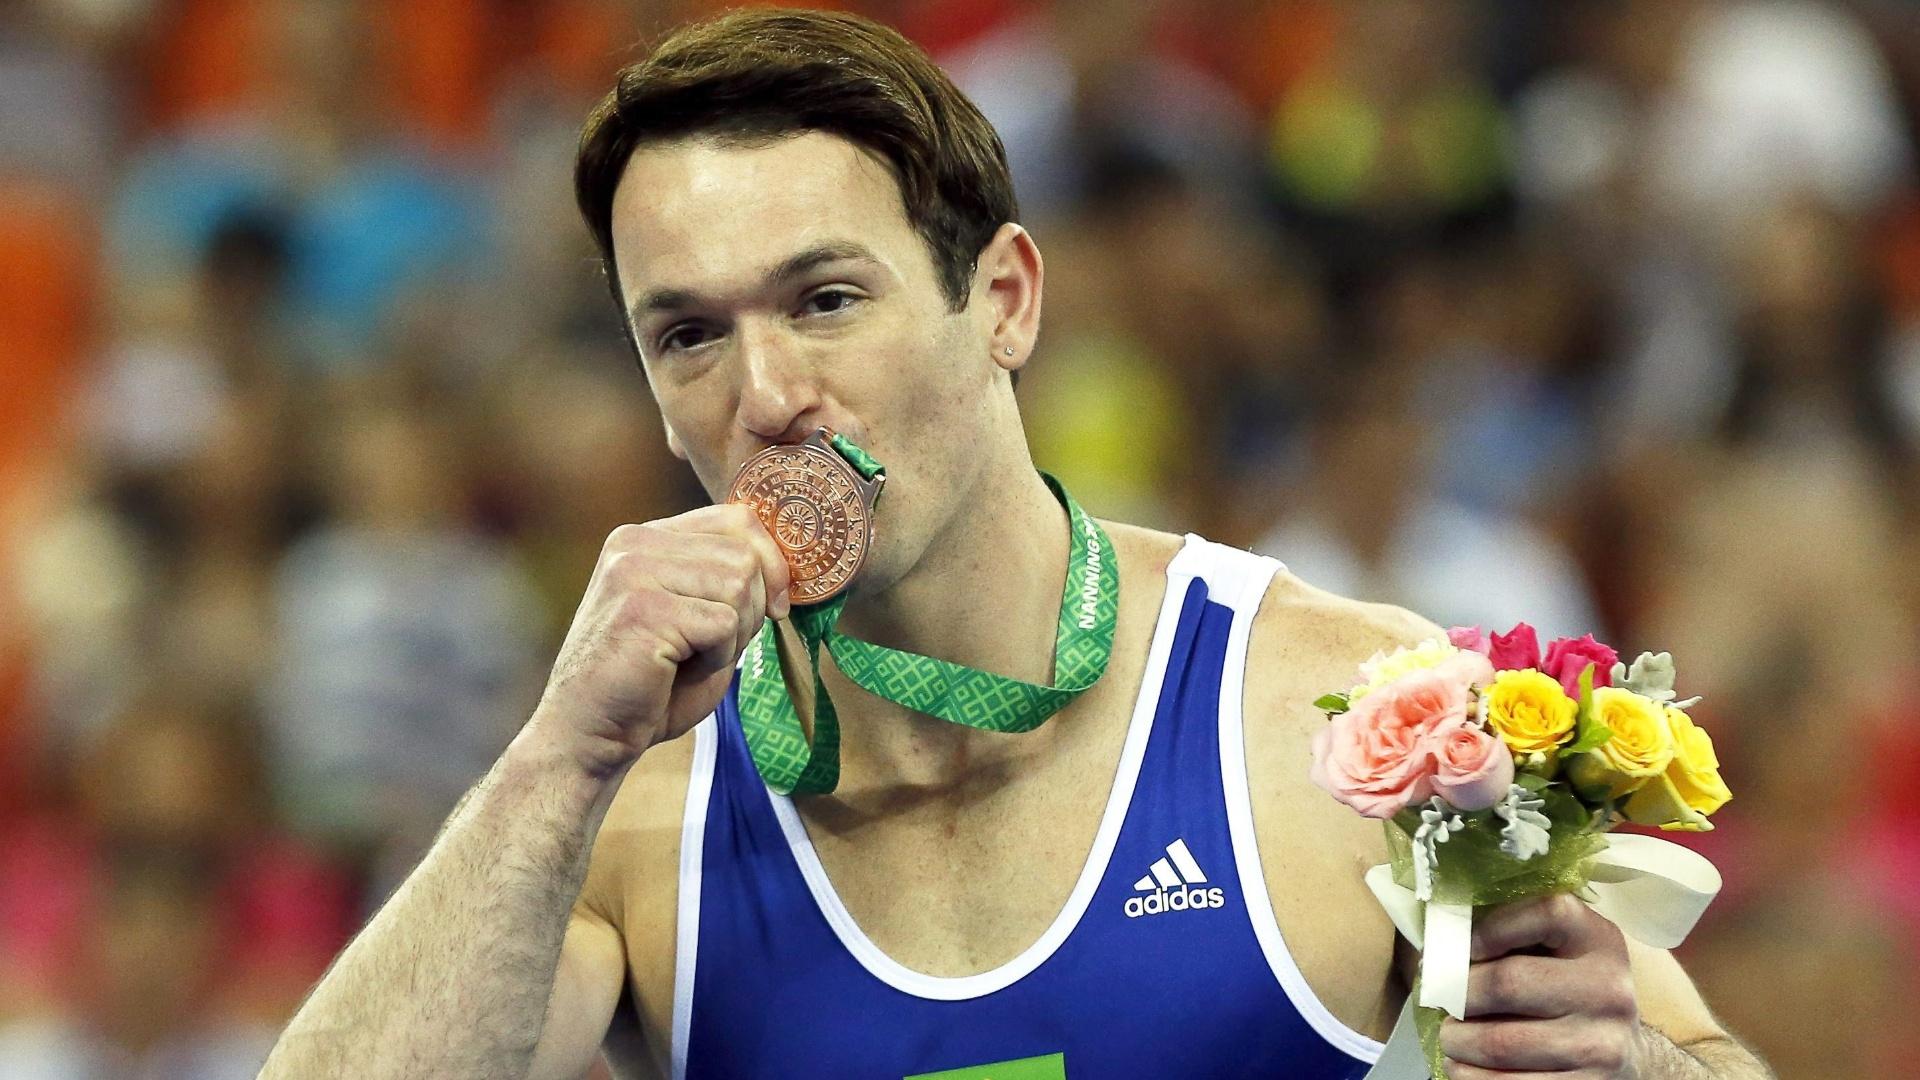 Diego Hypolito, ginasta brasileiro, comemora a conquista da medalha de bronze no solo no Mundial de Ginástica Artística, disputado em Nanning, na China